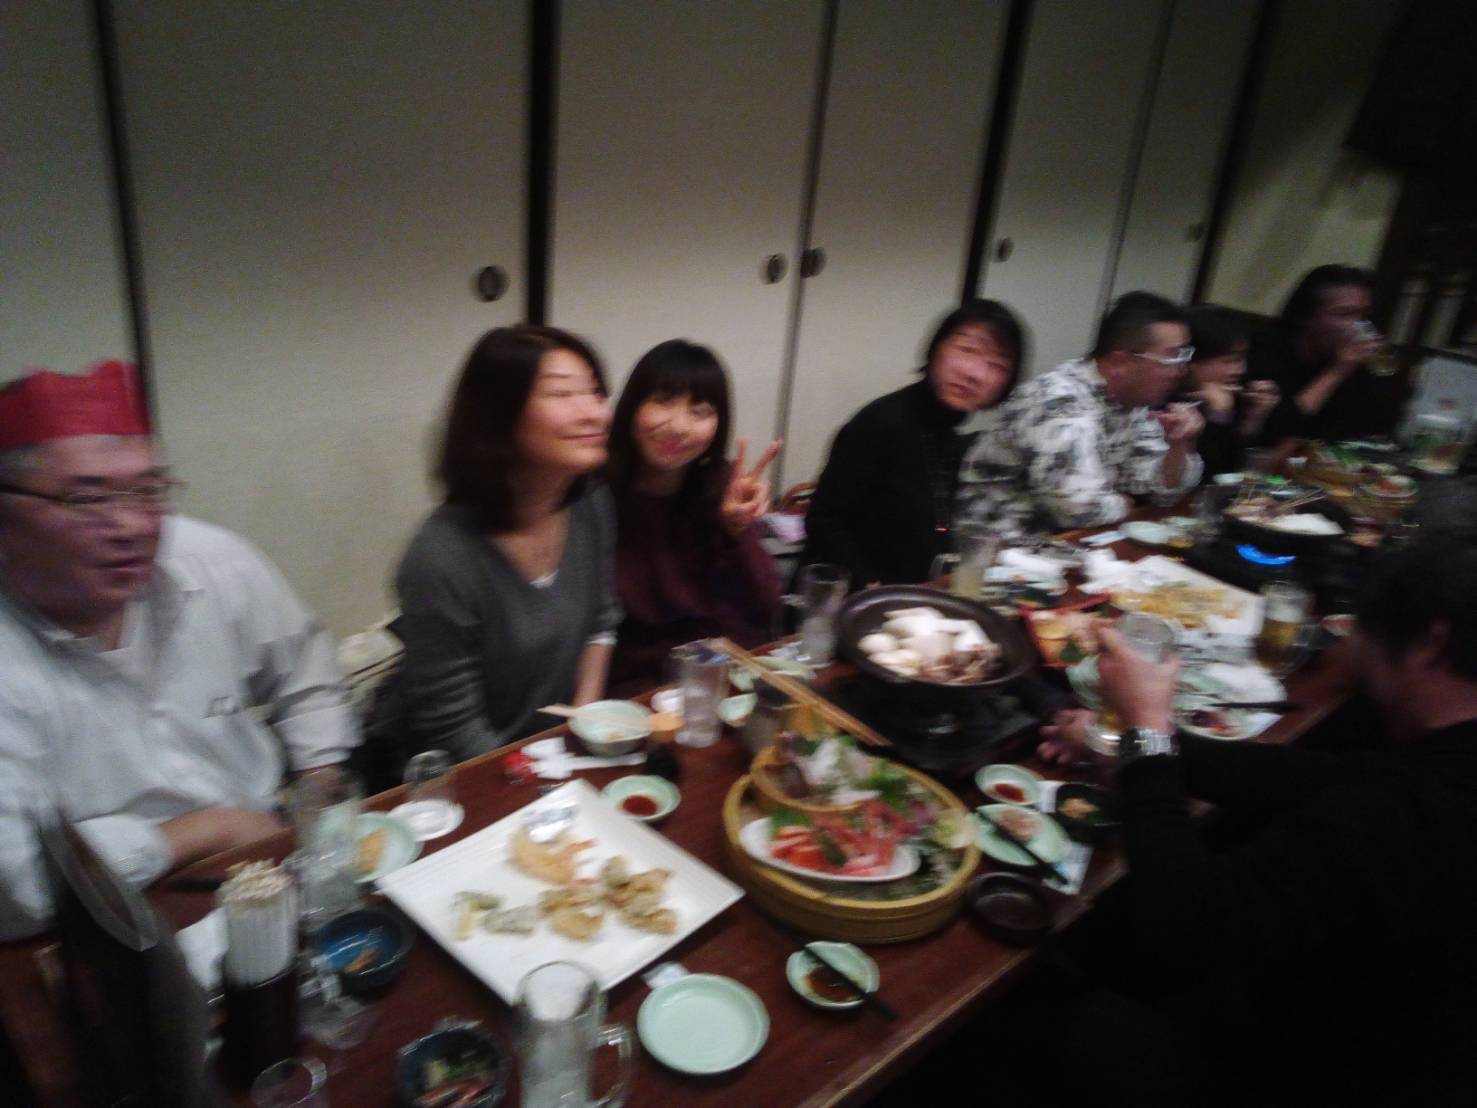 2019.12.22 大盛況おやつ展_f0130593_20194164.jpeg